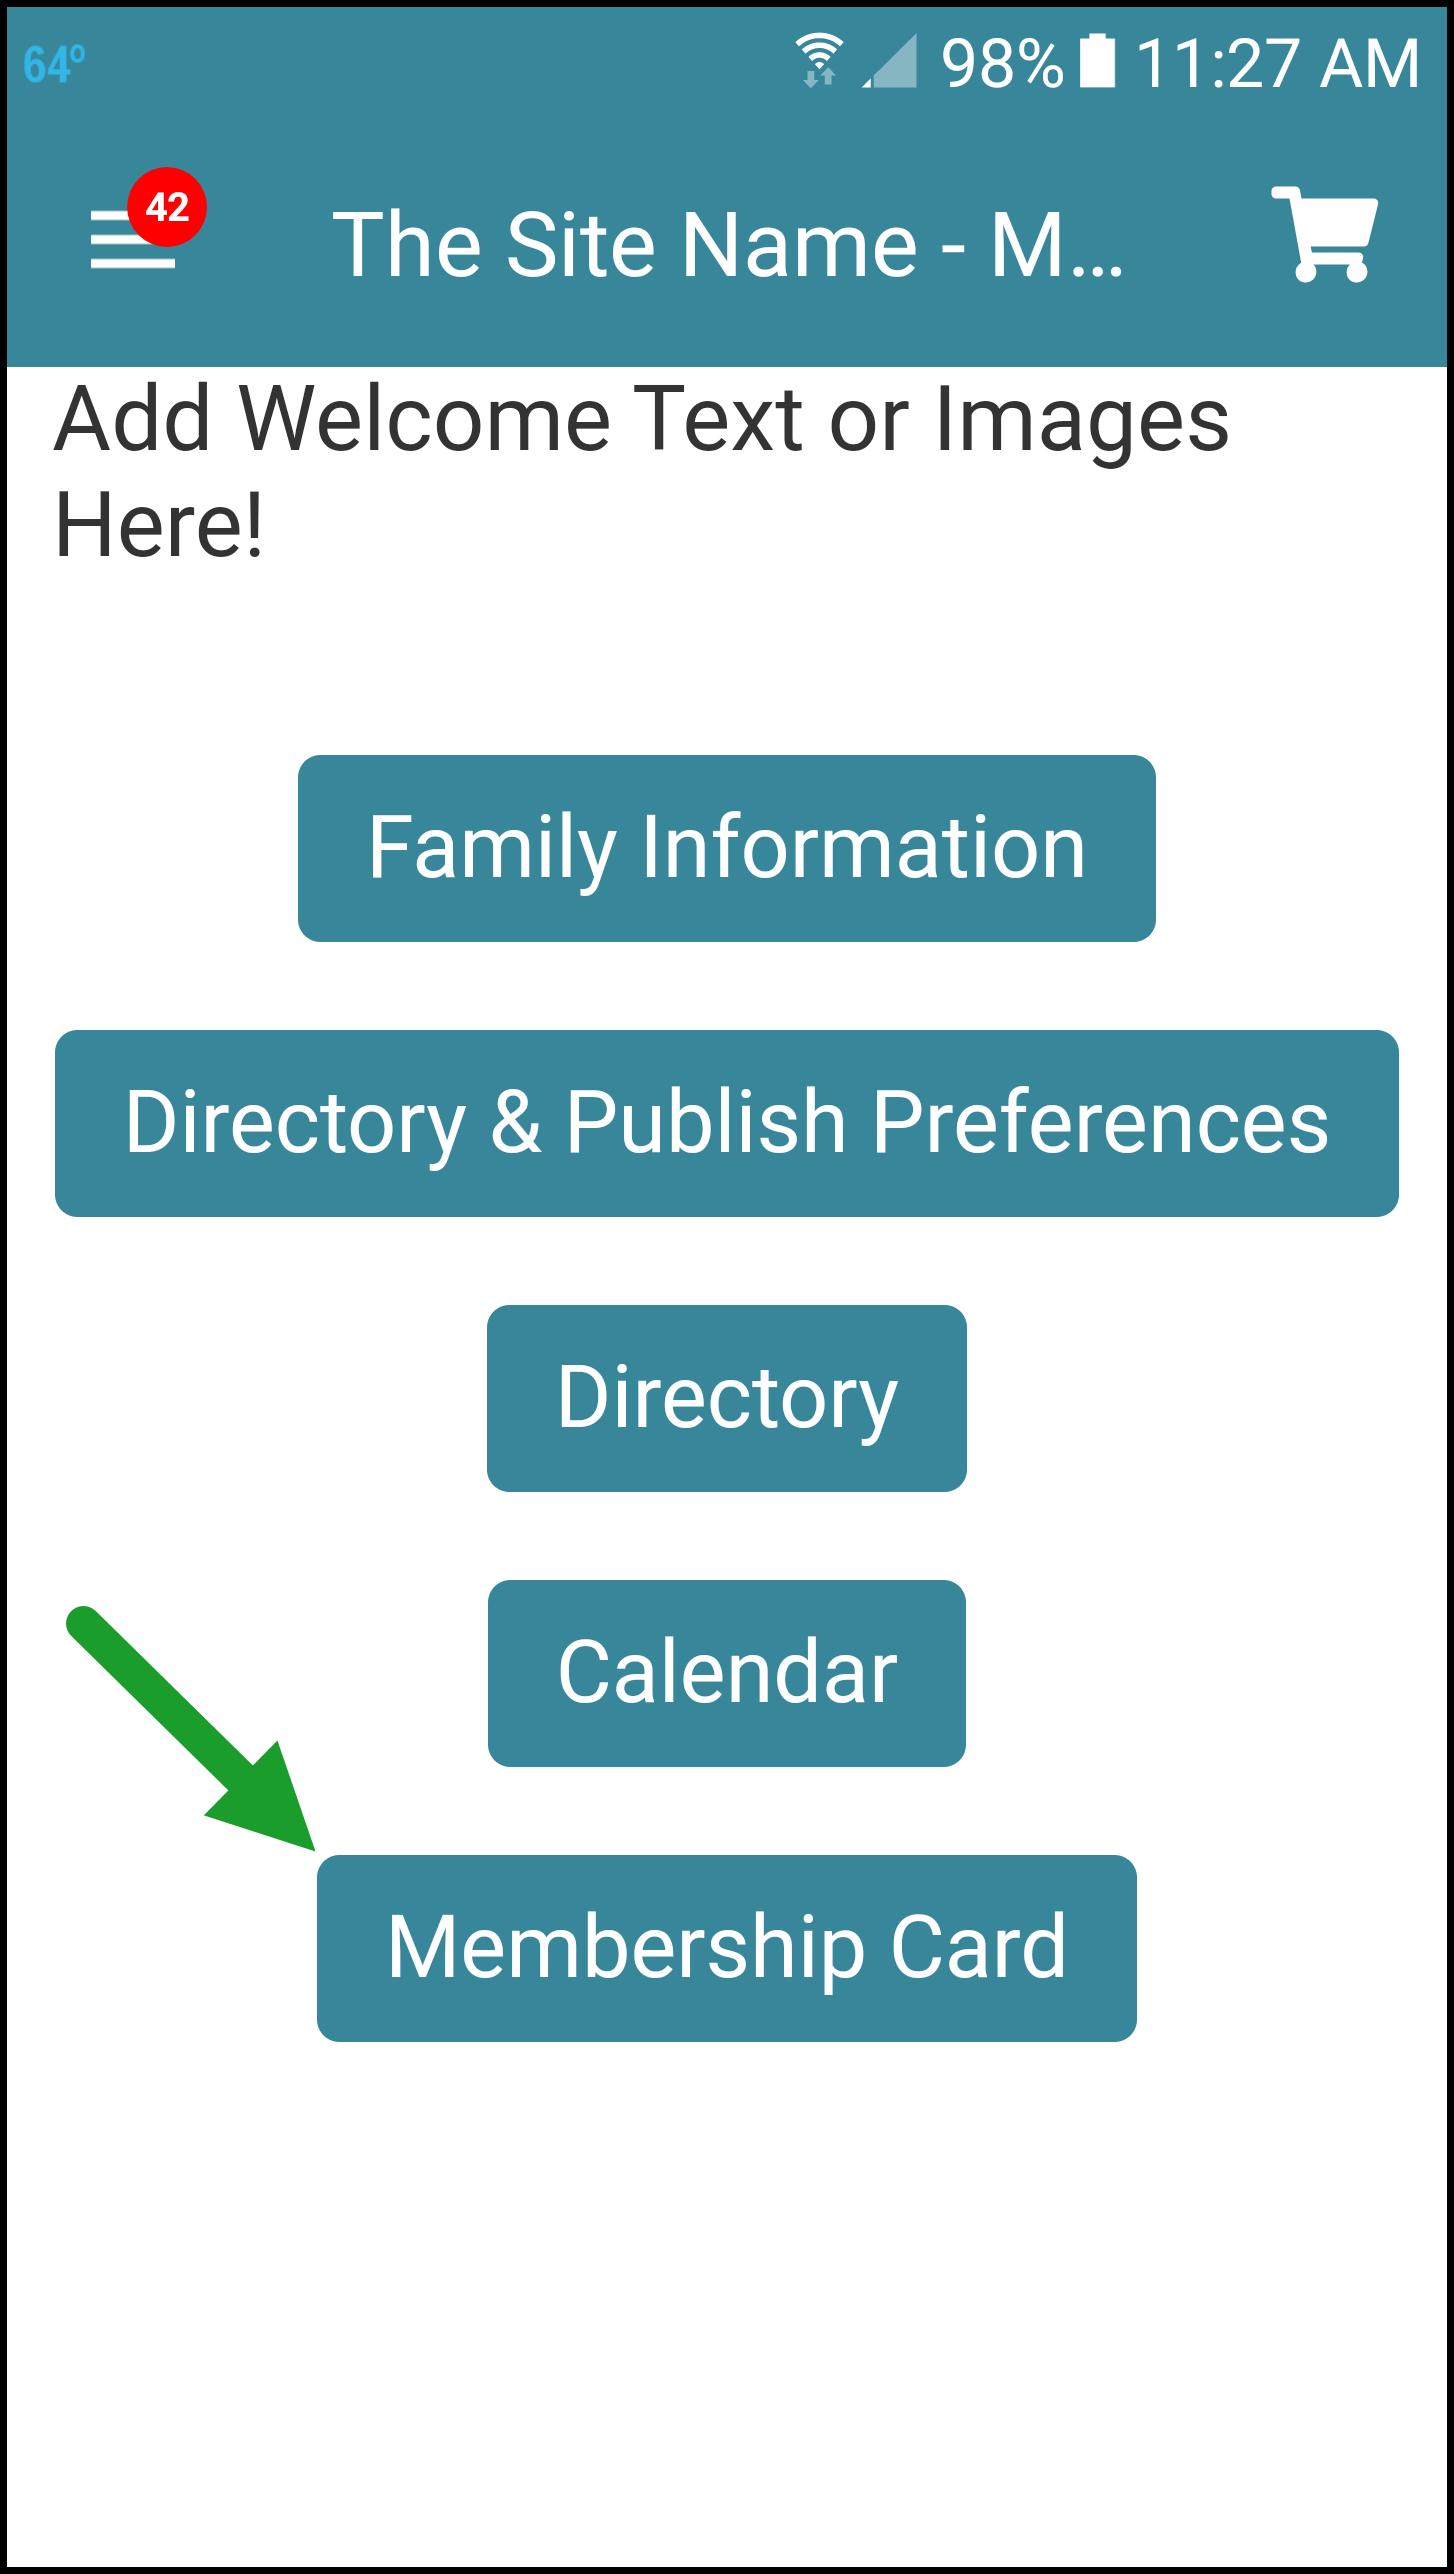 Mobile App Digital Membership Card